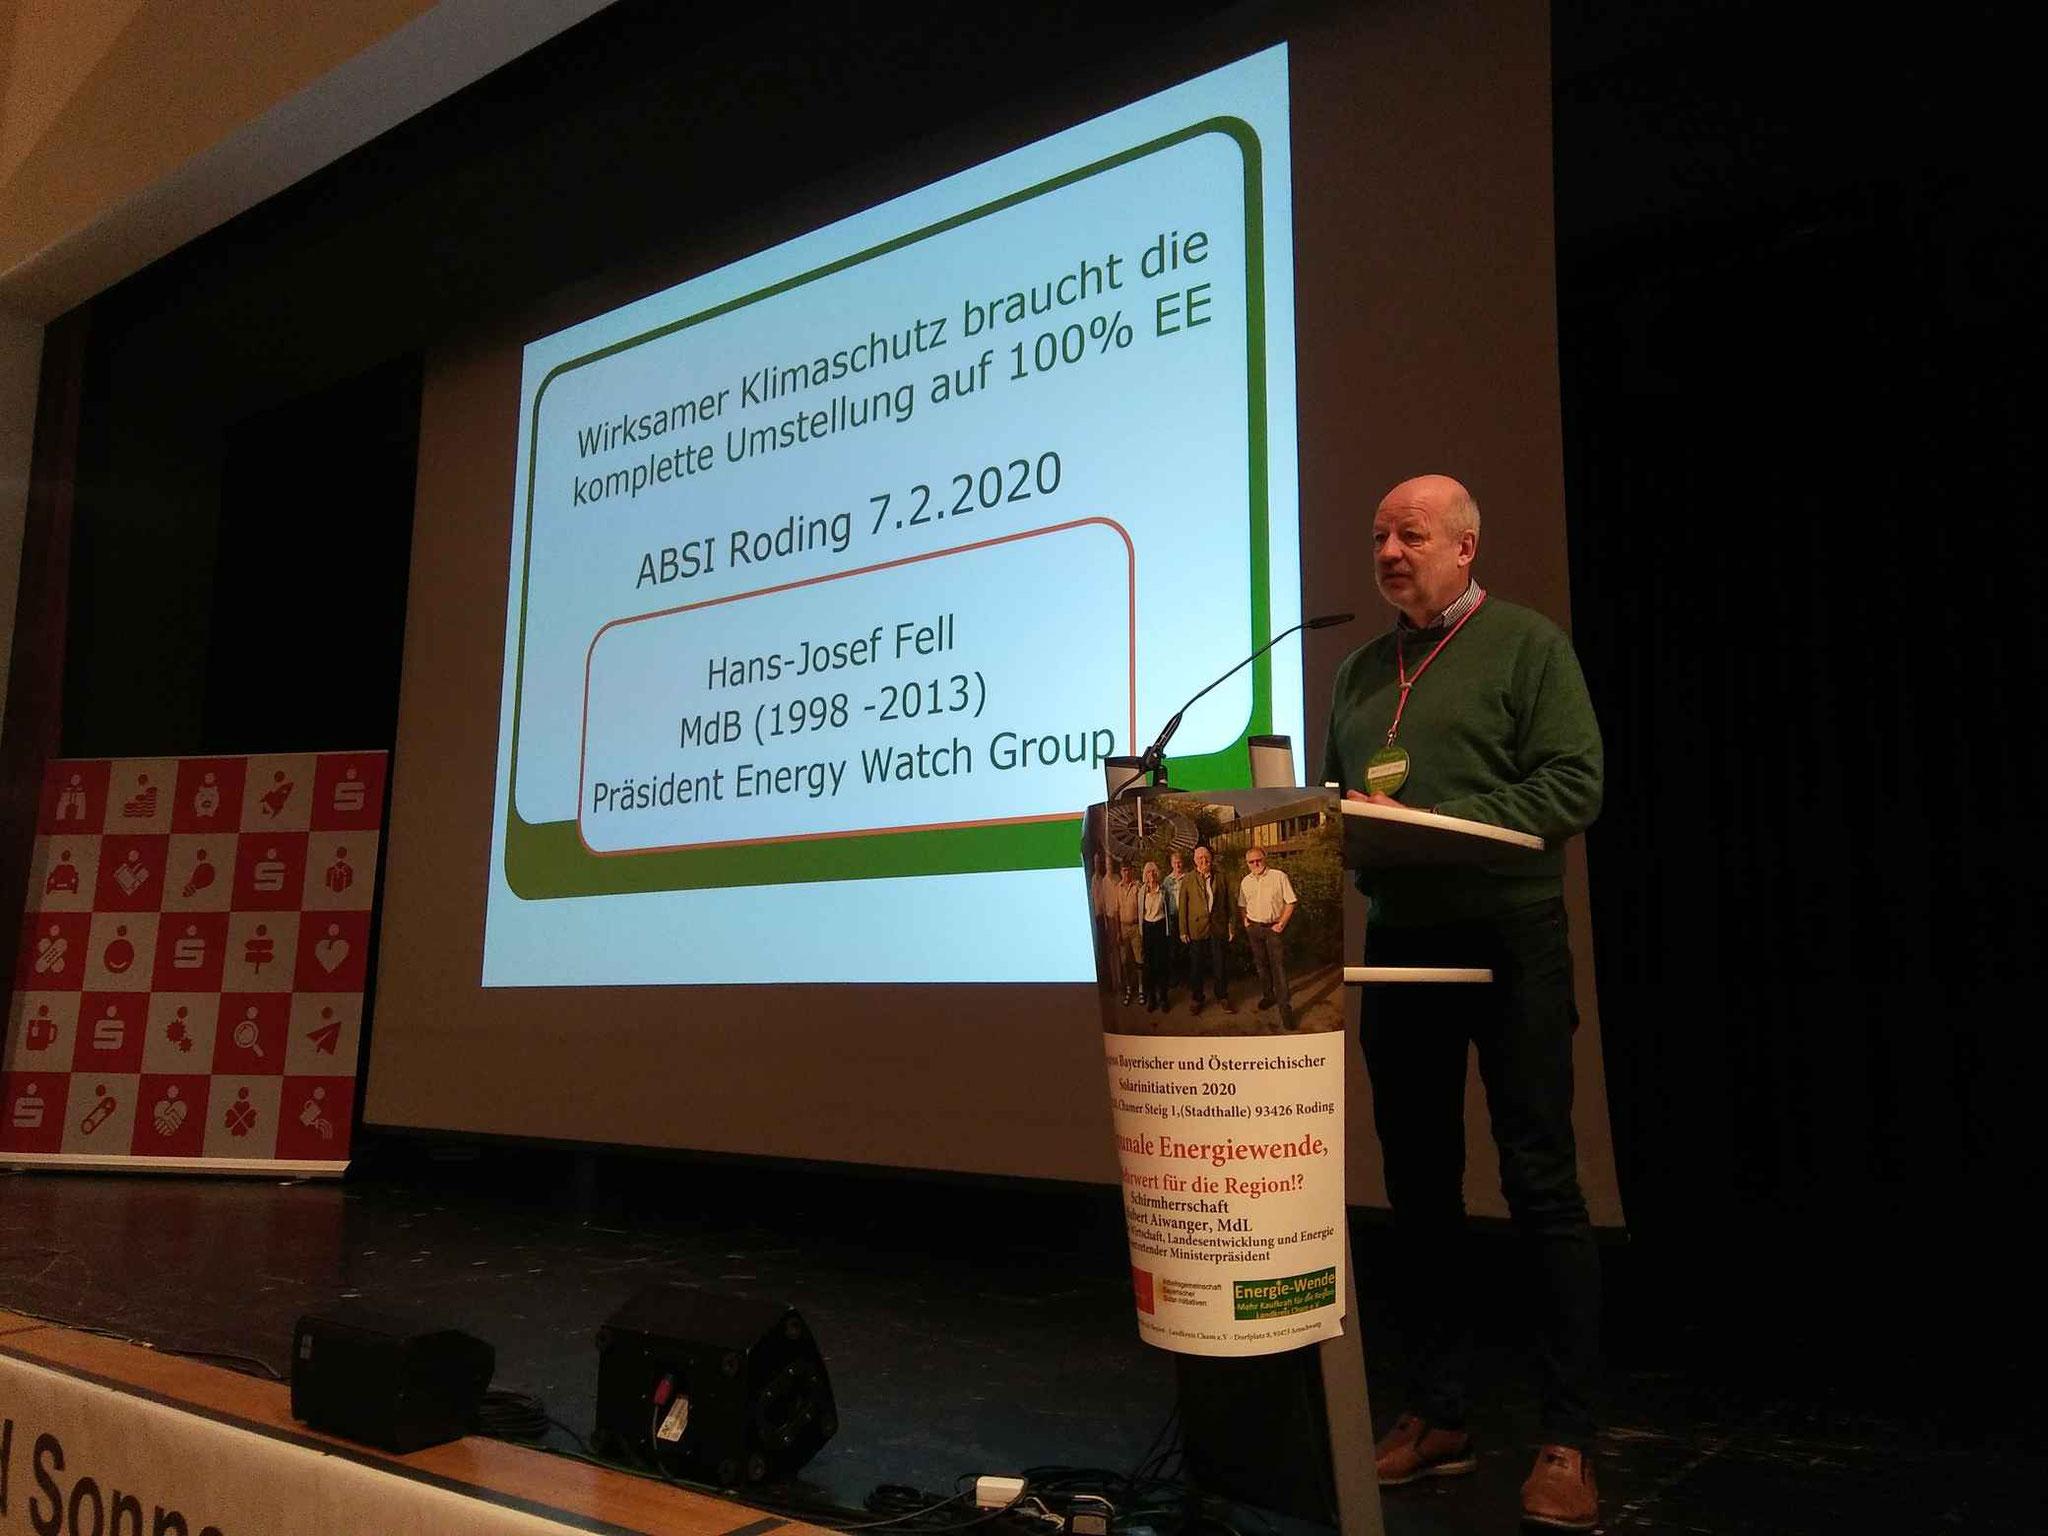 Hans-Josef Fell/ EnergyWatchGroup, Berlin: Die Zeit drängt zu erneuerbaren Energien und Klimaschutz ... Mahnung an Kommunen